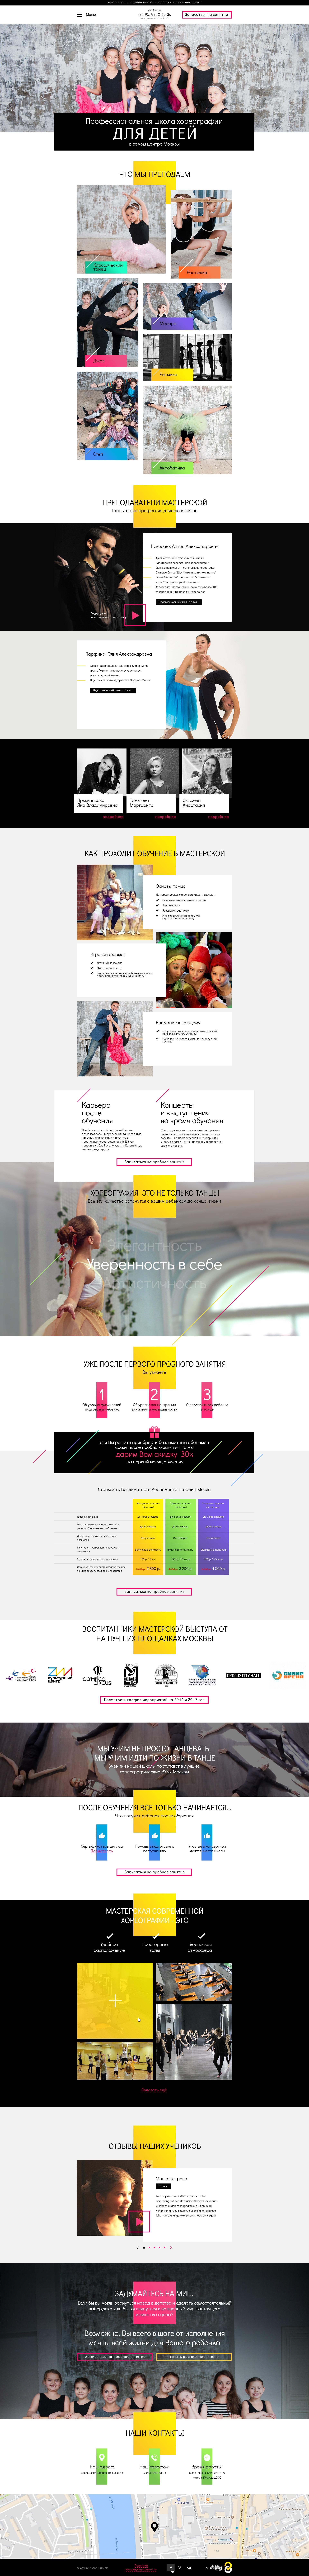 Разработка landing page ПЦ МИР - Профессиональная школа хореографии для детей